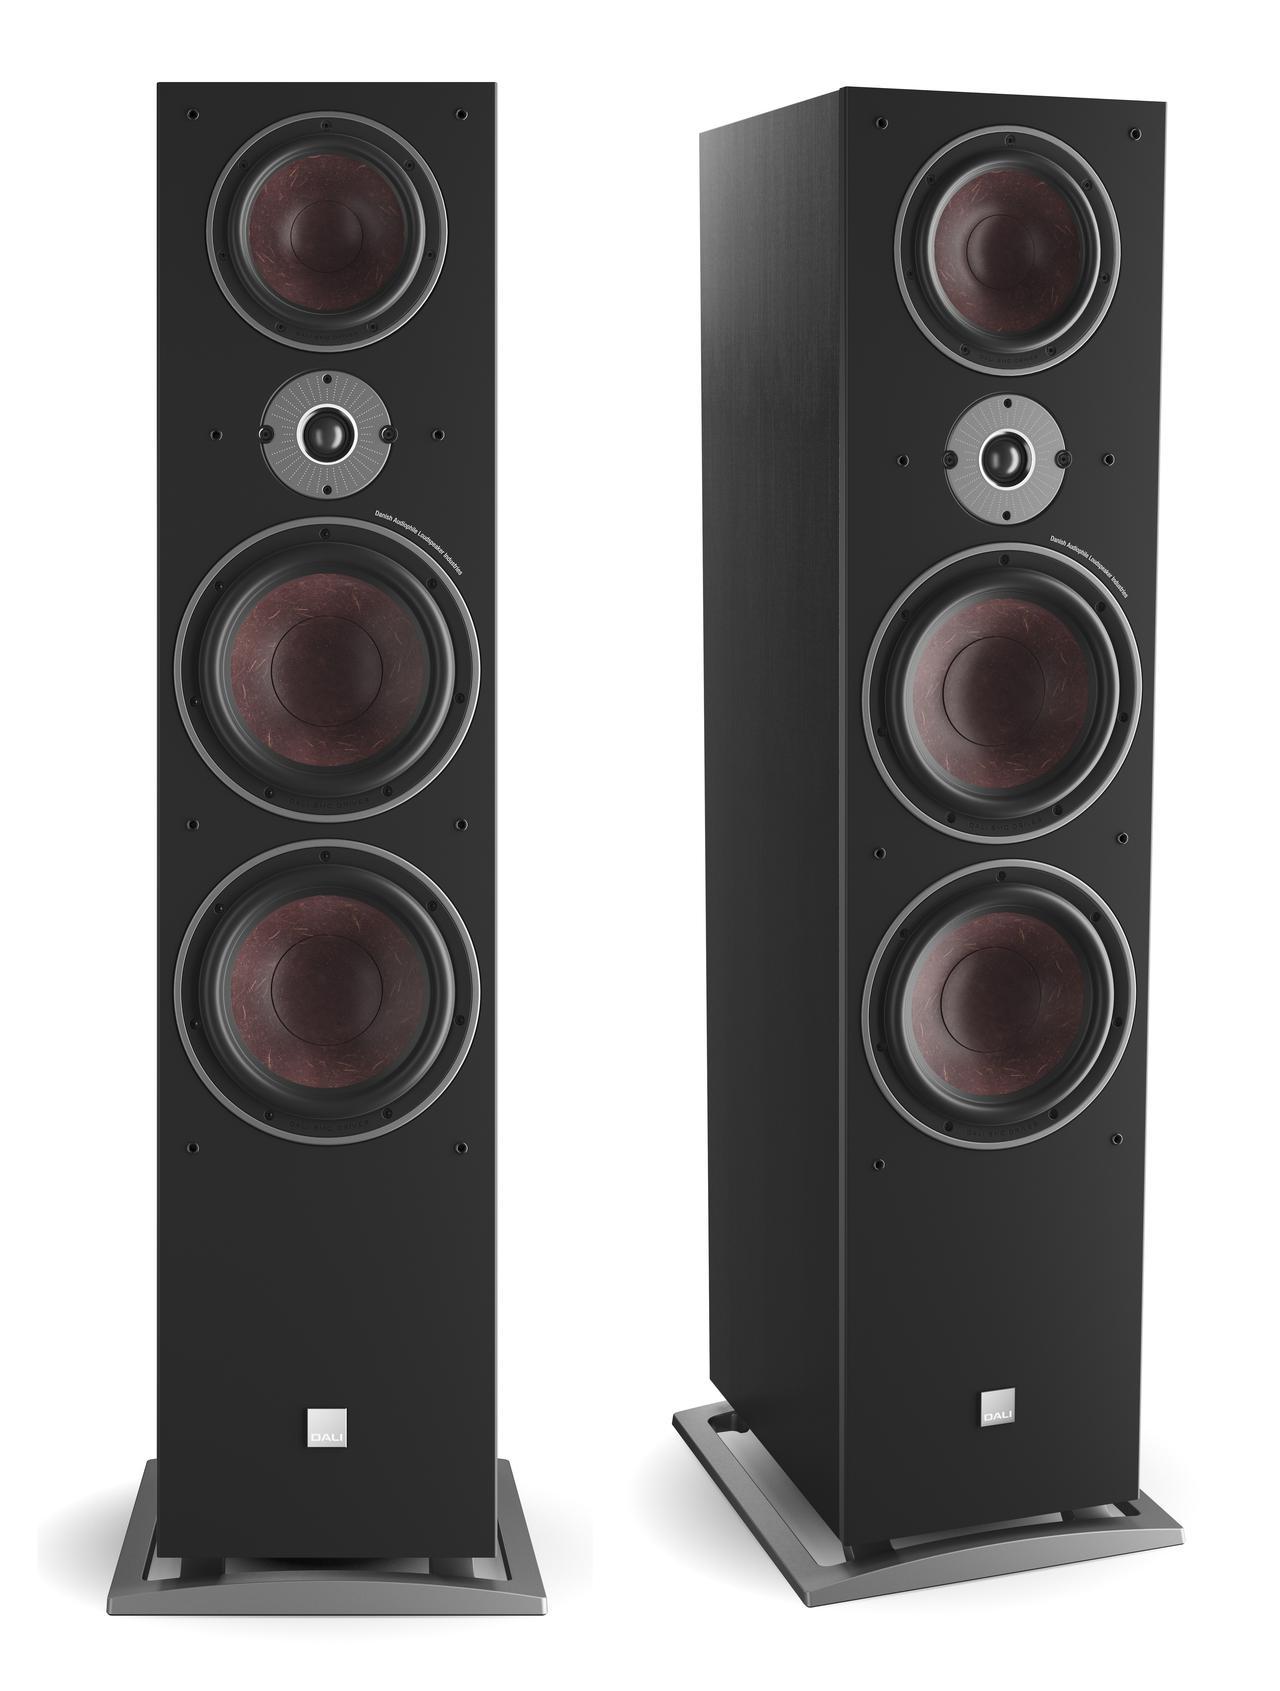 画像: ダリの「OBERON 9」は、独自設計のユニットにより太くて逞しいサウンドを聴かせるシリーズ最上位機種